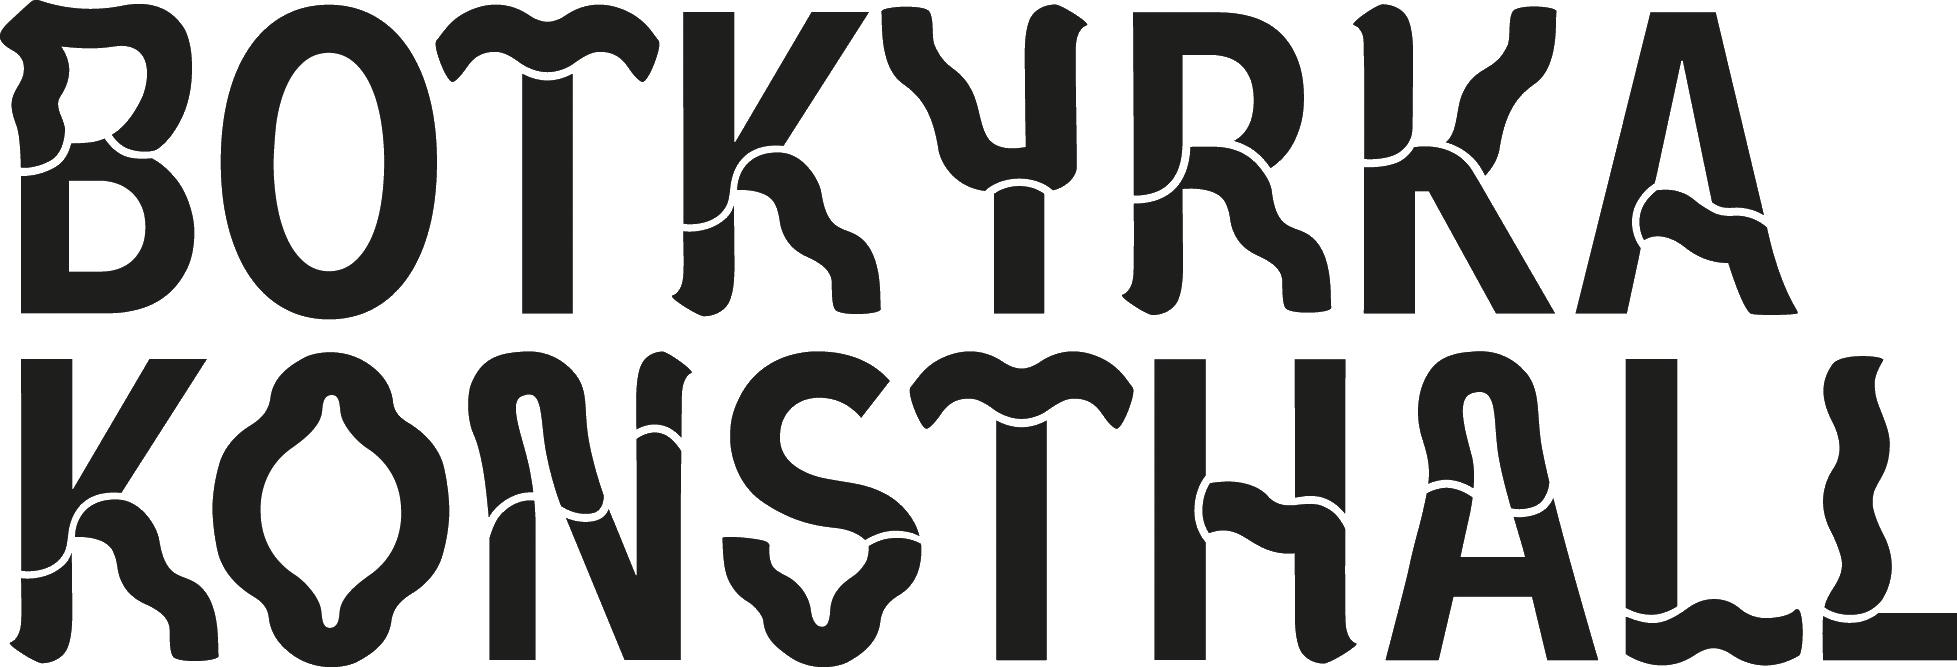 Botkyrka Konsthall